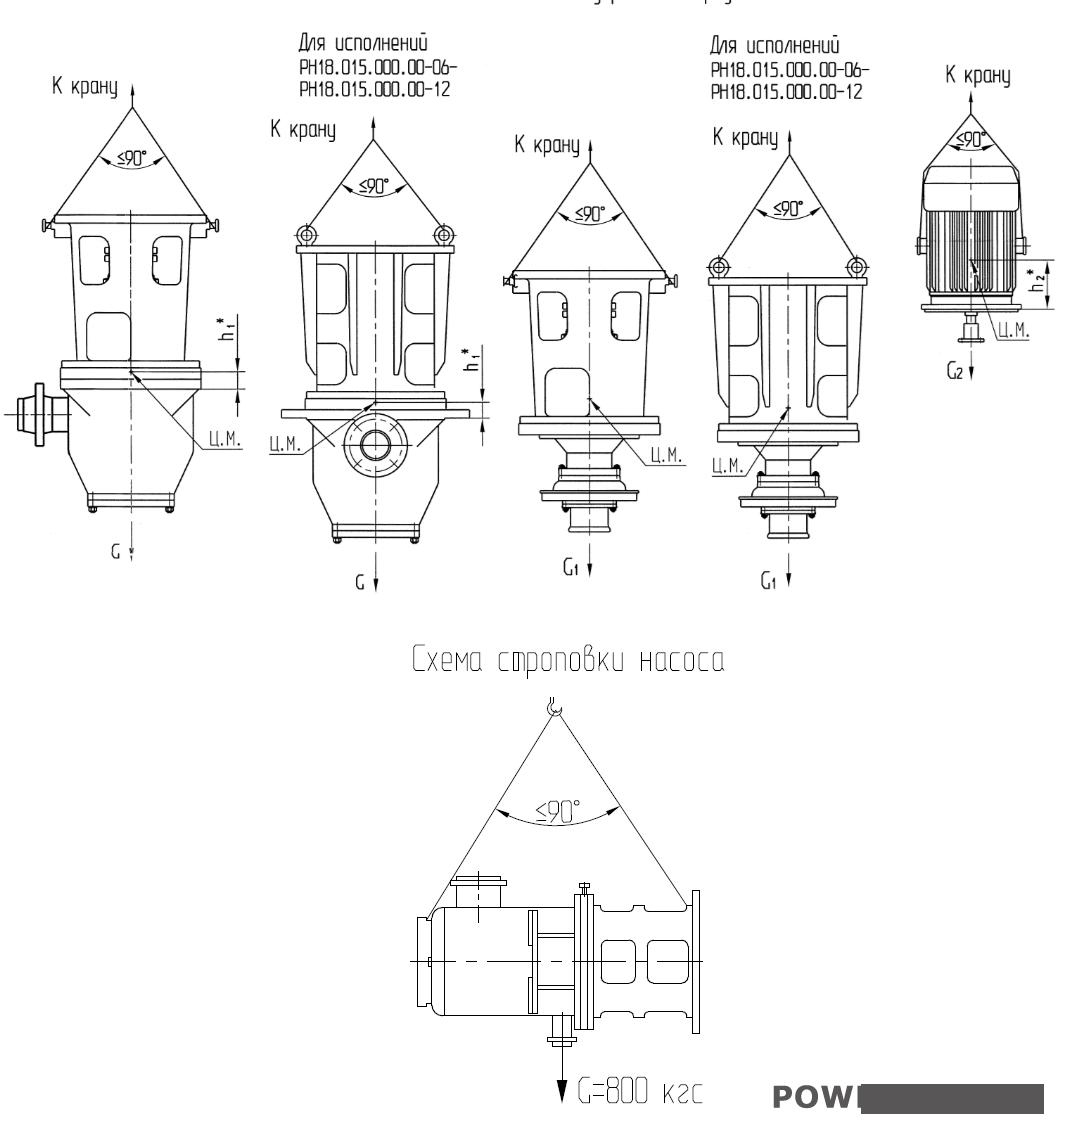 Схемы строповки насосов типа КсВ